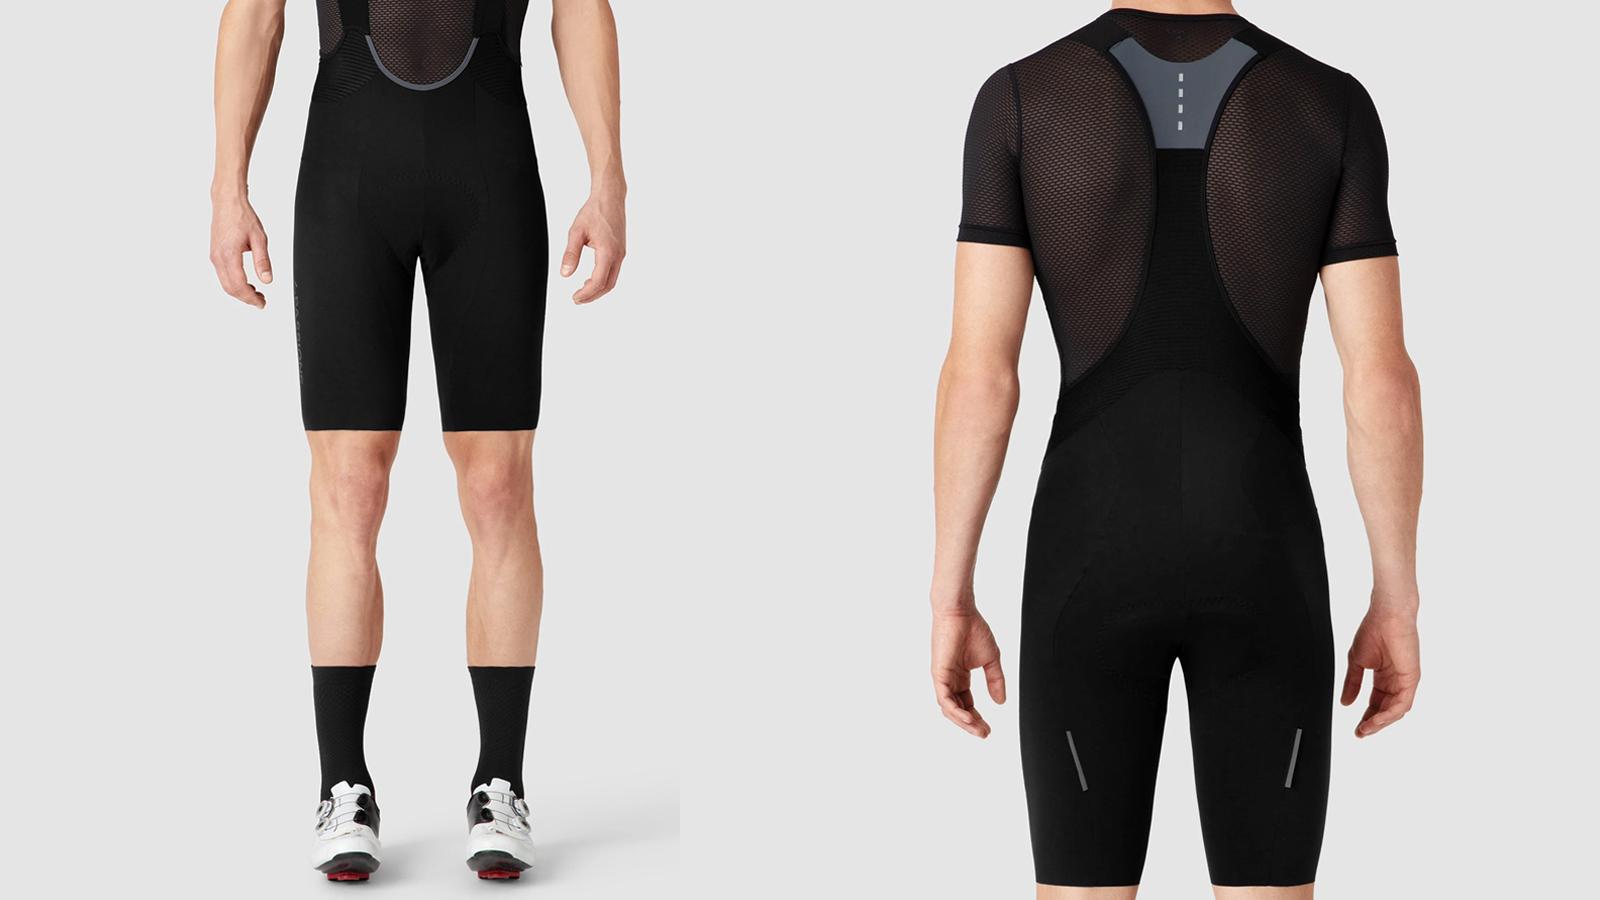 La Passione Prestige bib shorts